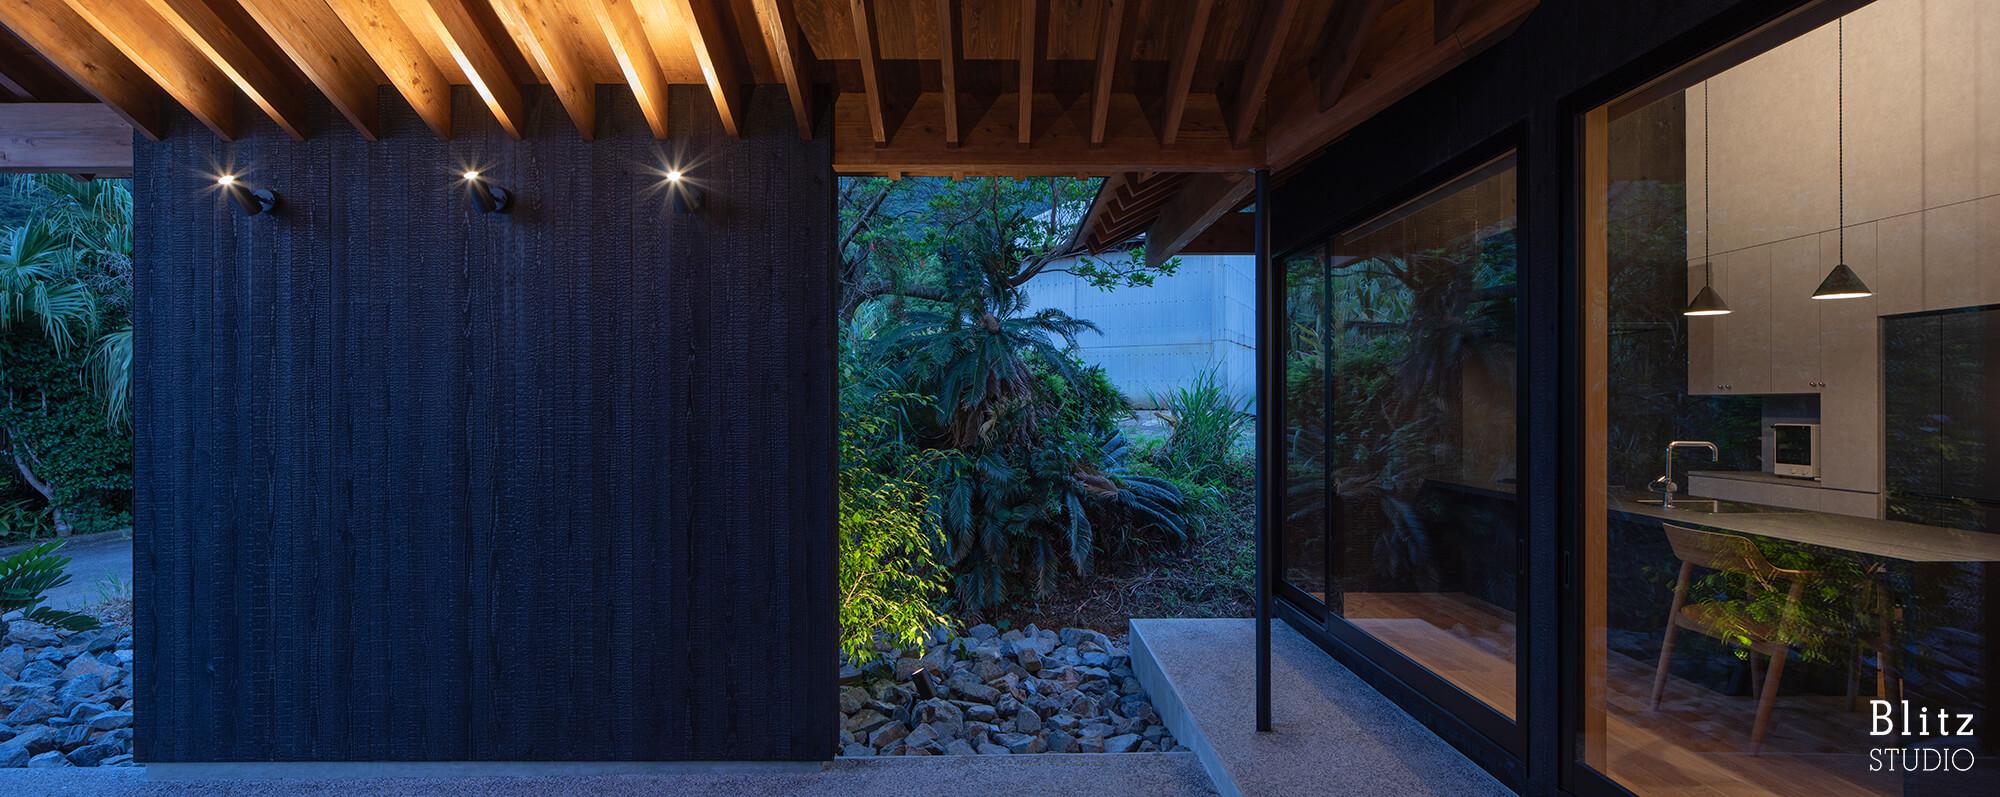 『浦の家』建築写真・竣工写真・インテリア写真9